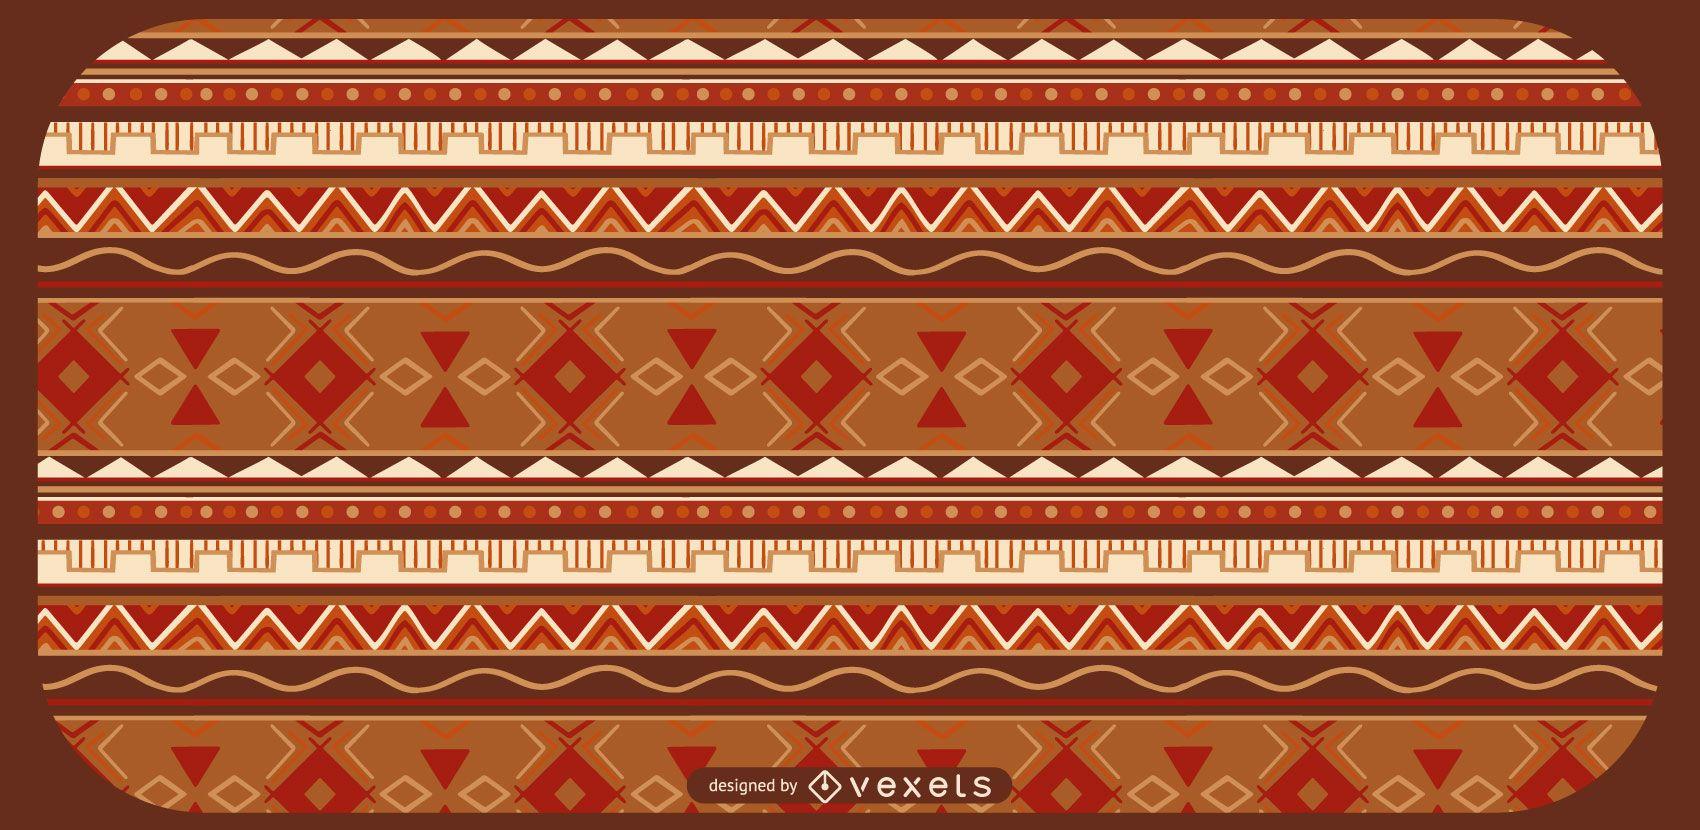 Diseño de patrón azteca rojo